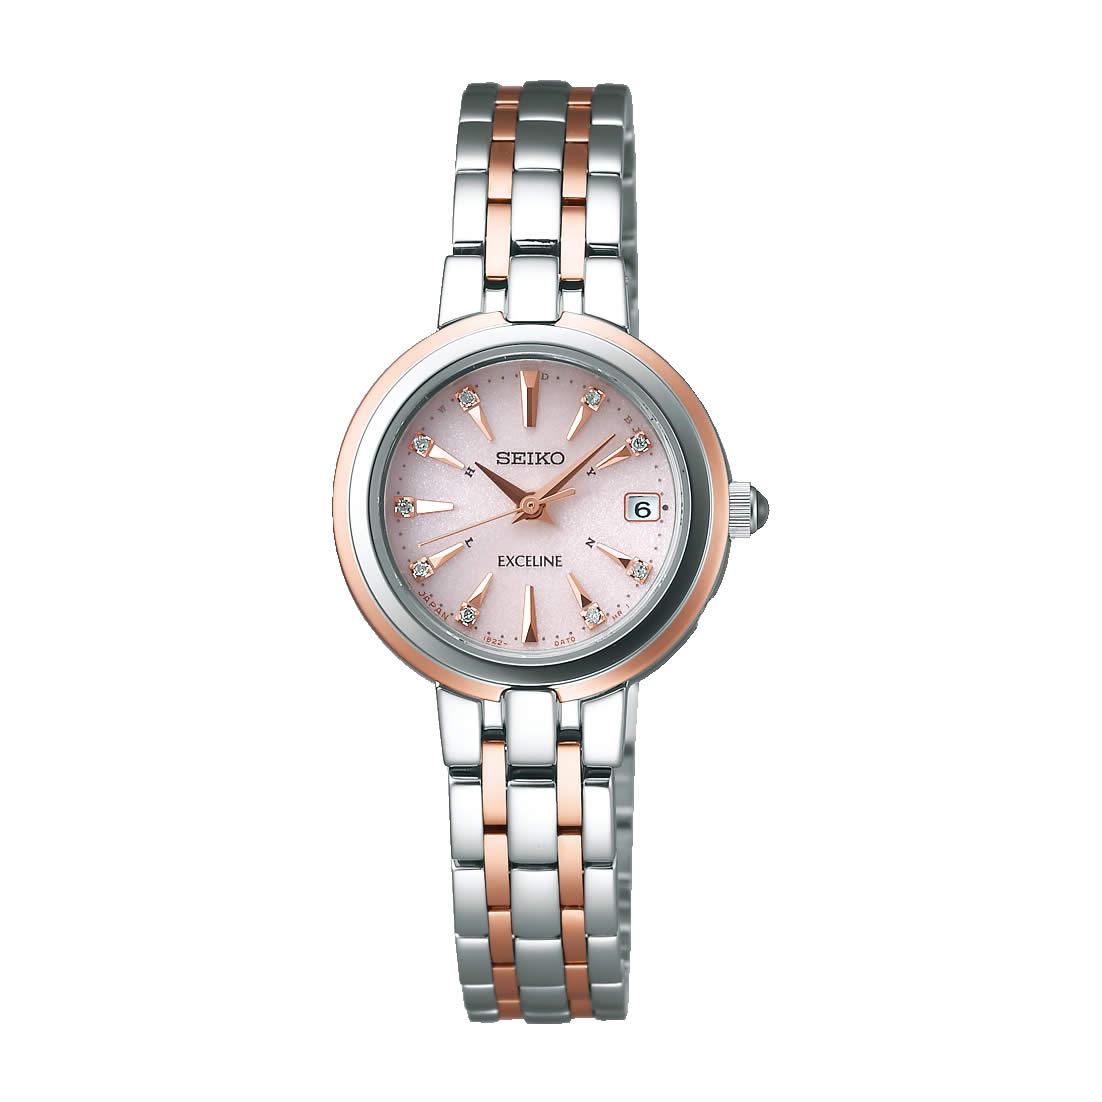 【送料無料】【国内正規品】セイコー エクセリーヌ SEIKO EXCELINE 腕時計 ソーラー 電波 SWCW018 ダイヤモンド レディース 時計 100M 10気圧防水 オフィス エレガント ギフト 人気 うでどけい とけい WATCH 時計【取り寄せ】